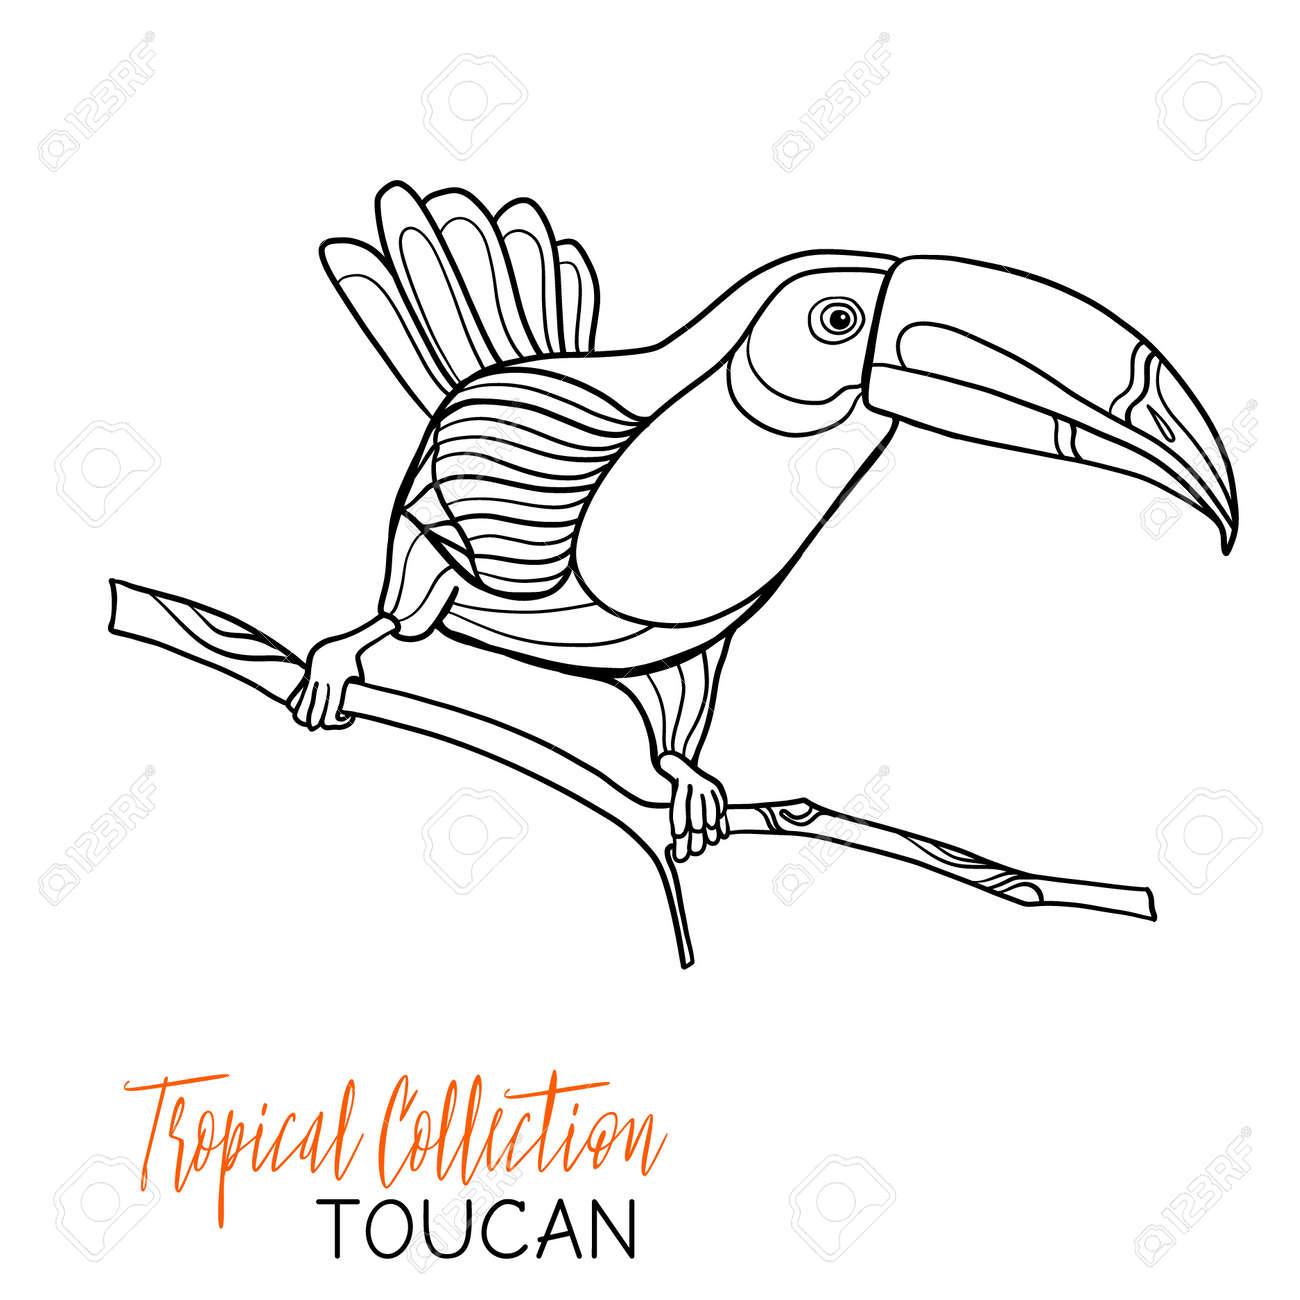 Toucan Oiseaux Tropicaux Vector Illustration Livre à Colorier Pour Les Adultes Et Les Enfants Plus âgés Coloriage Dessin Au Trait